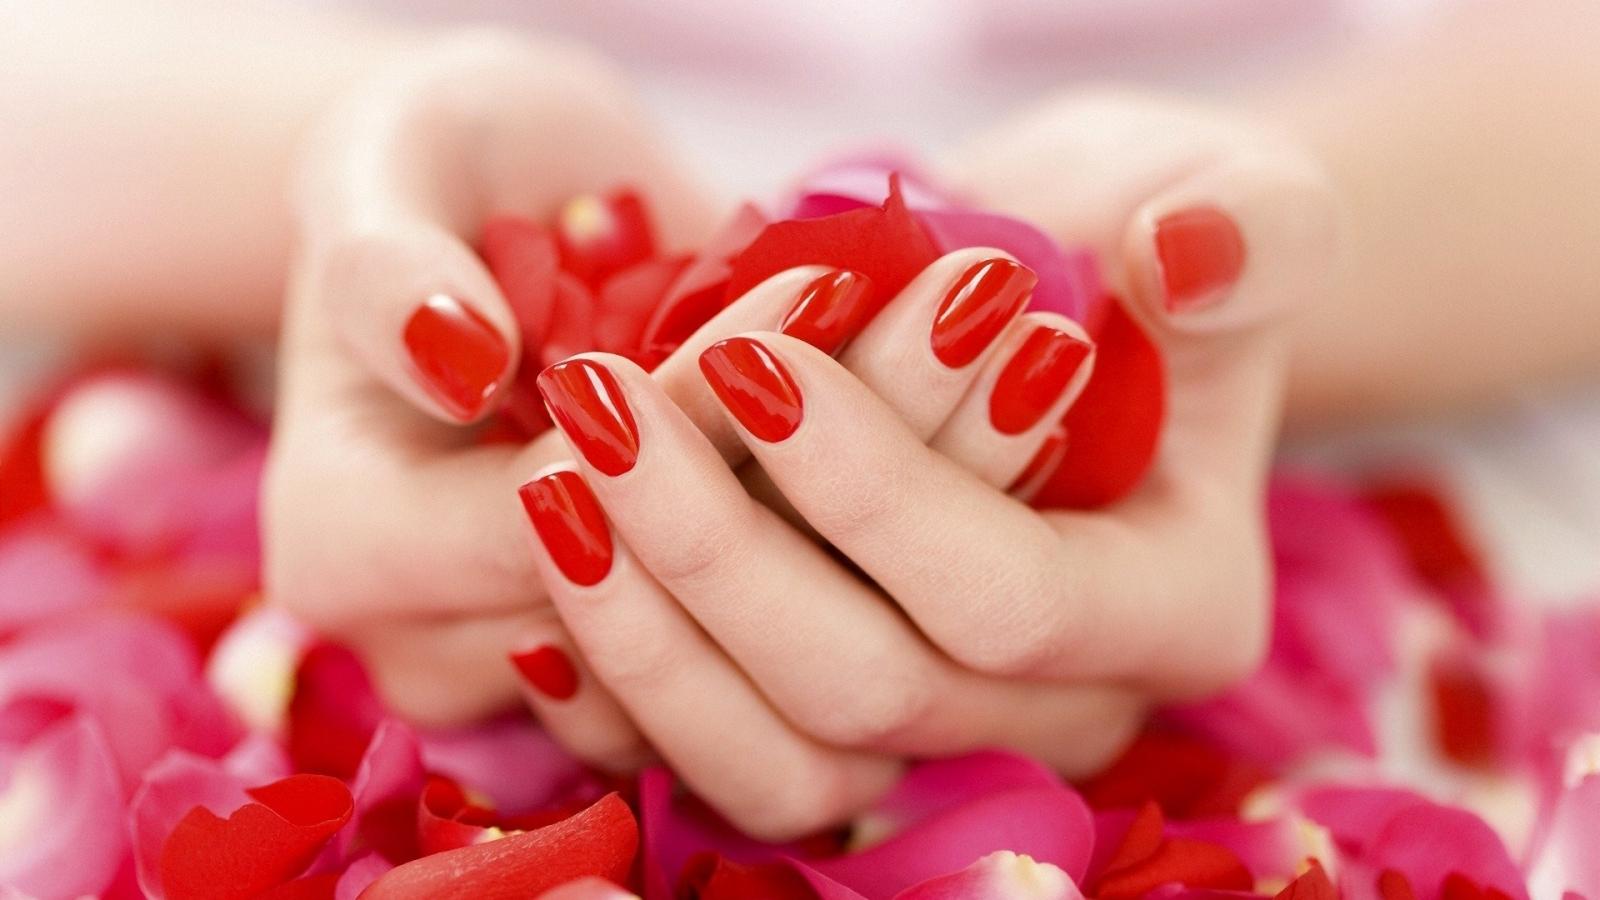 Uñas rojas y pétalos de rosas - 1600x900